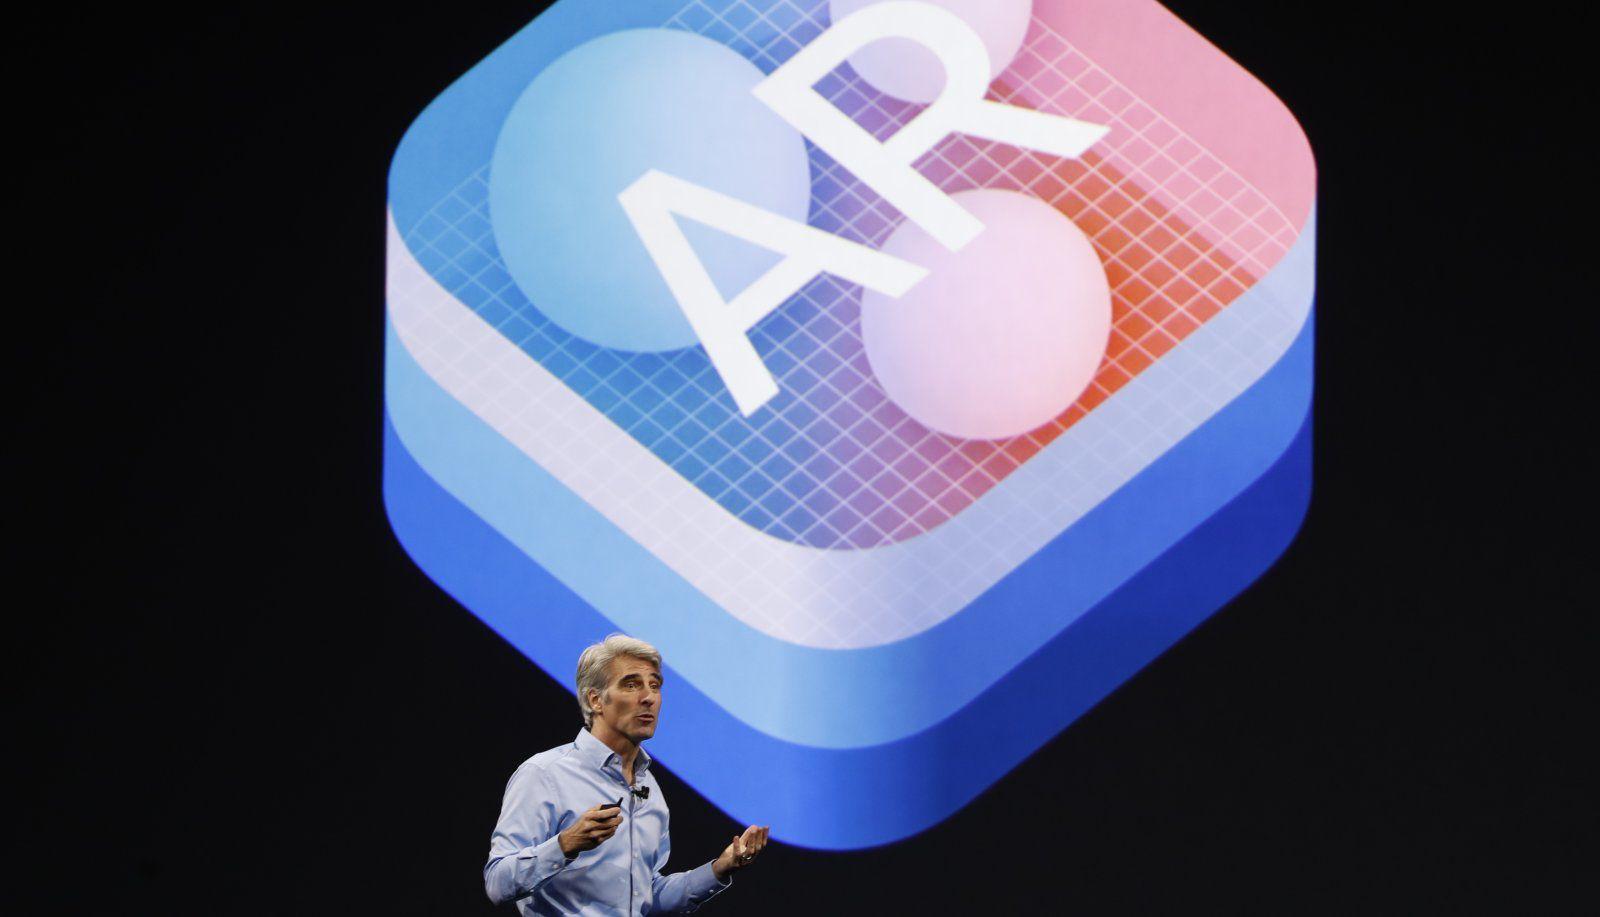 Aperçu dans iOS 13, le casque AR d'Apple semble presque prêt